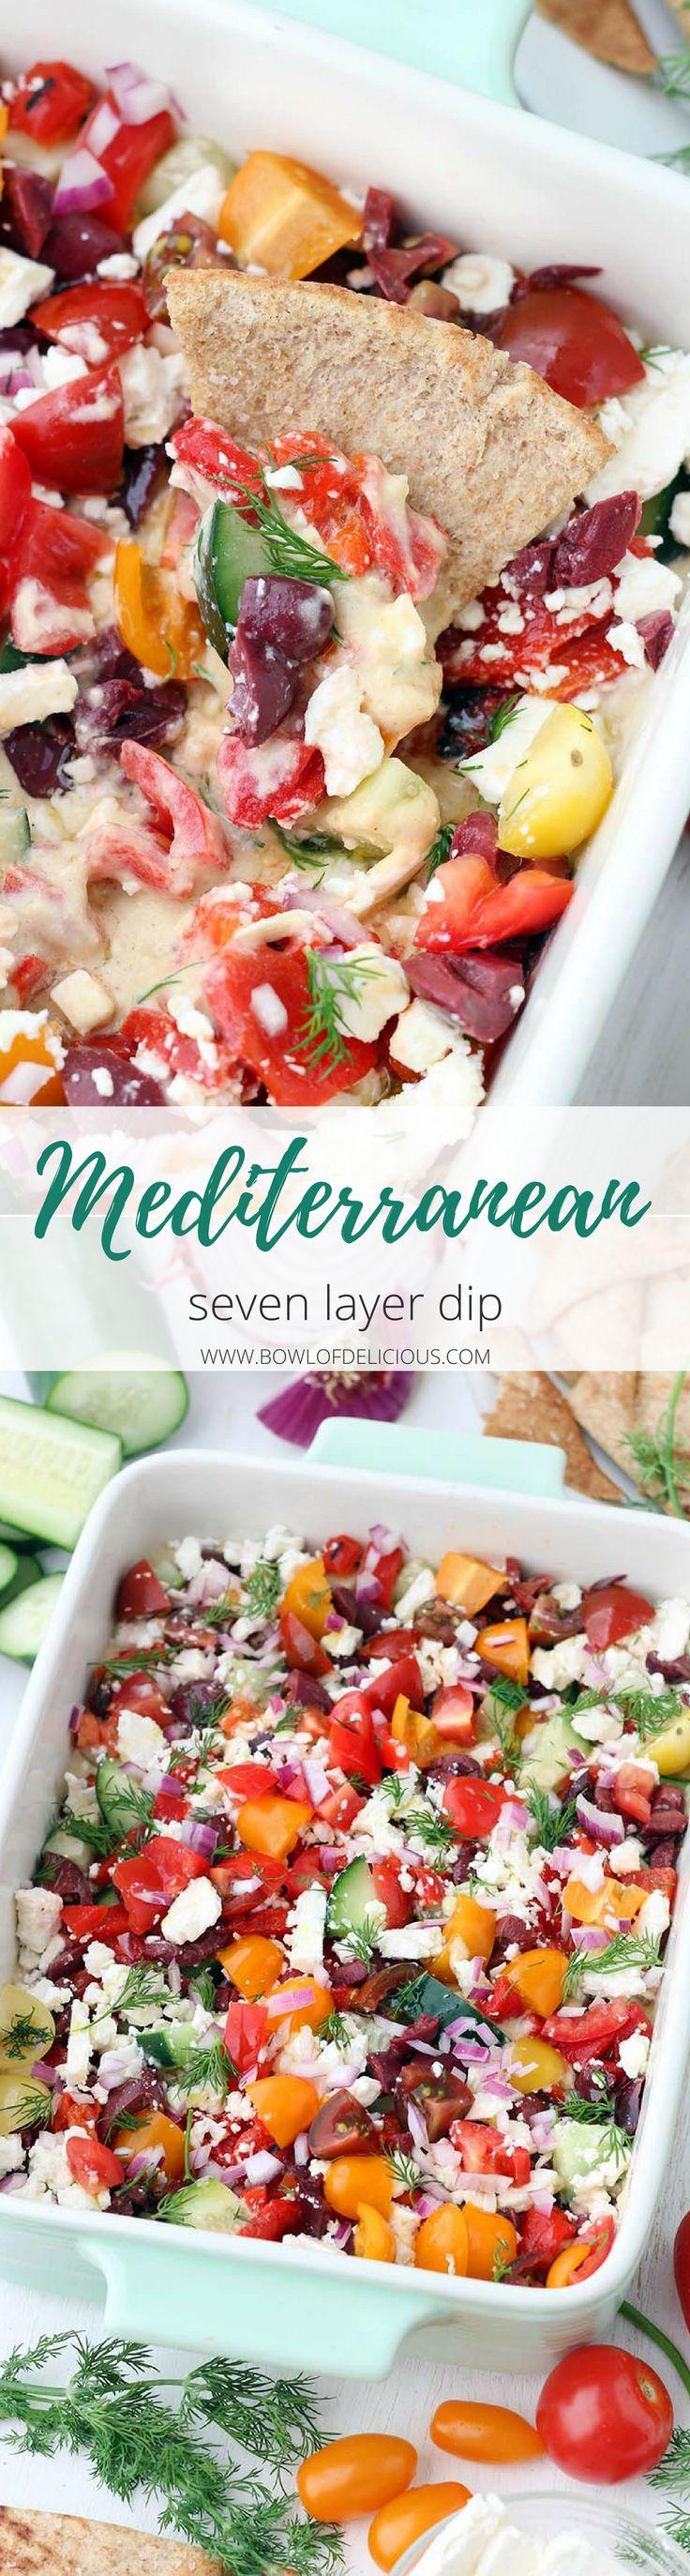 This Mediterranean Seven Layer Dip